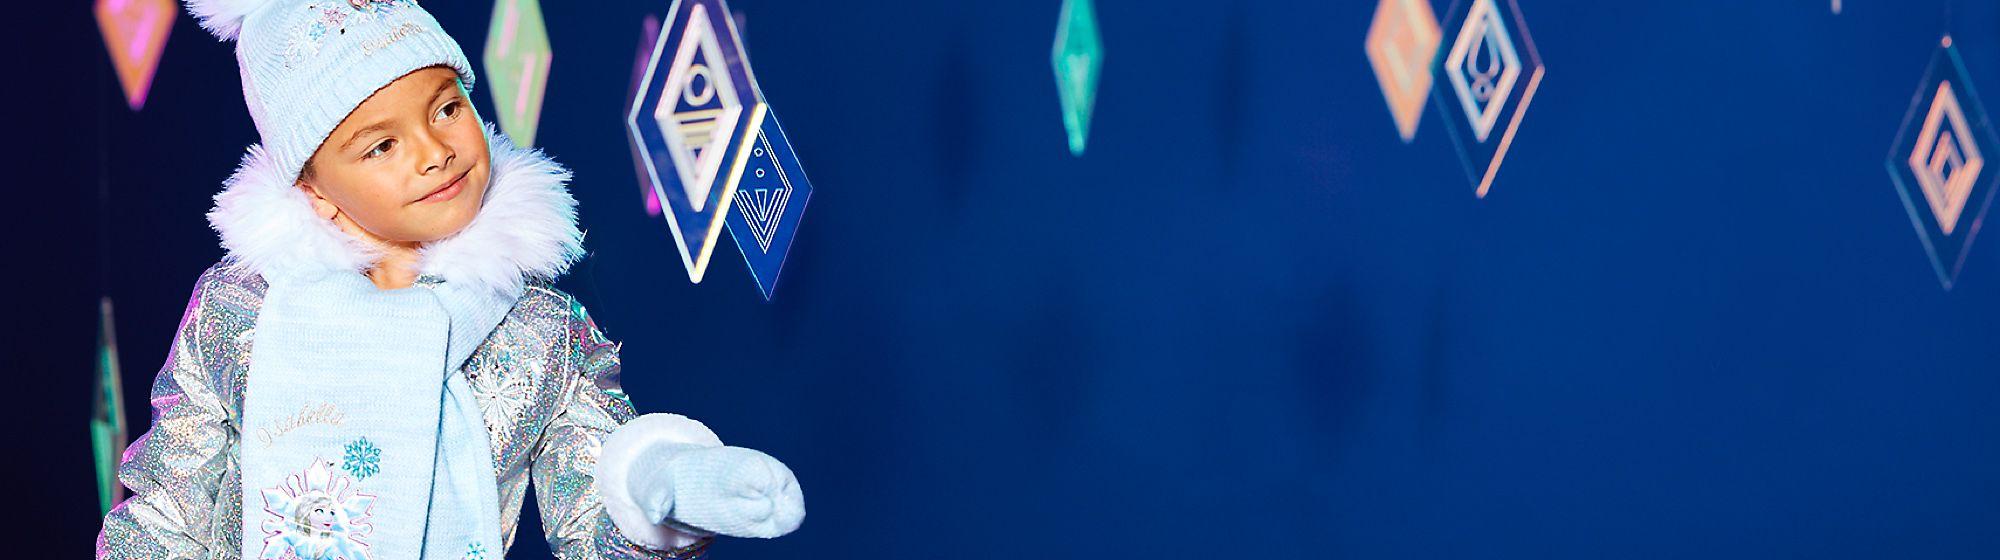 Accessori di Frozen 2 Scopri la nostra collezione di accessori tra cui borse, cappelli, valigie e altro ancora